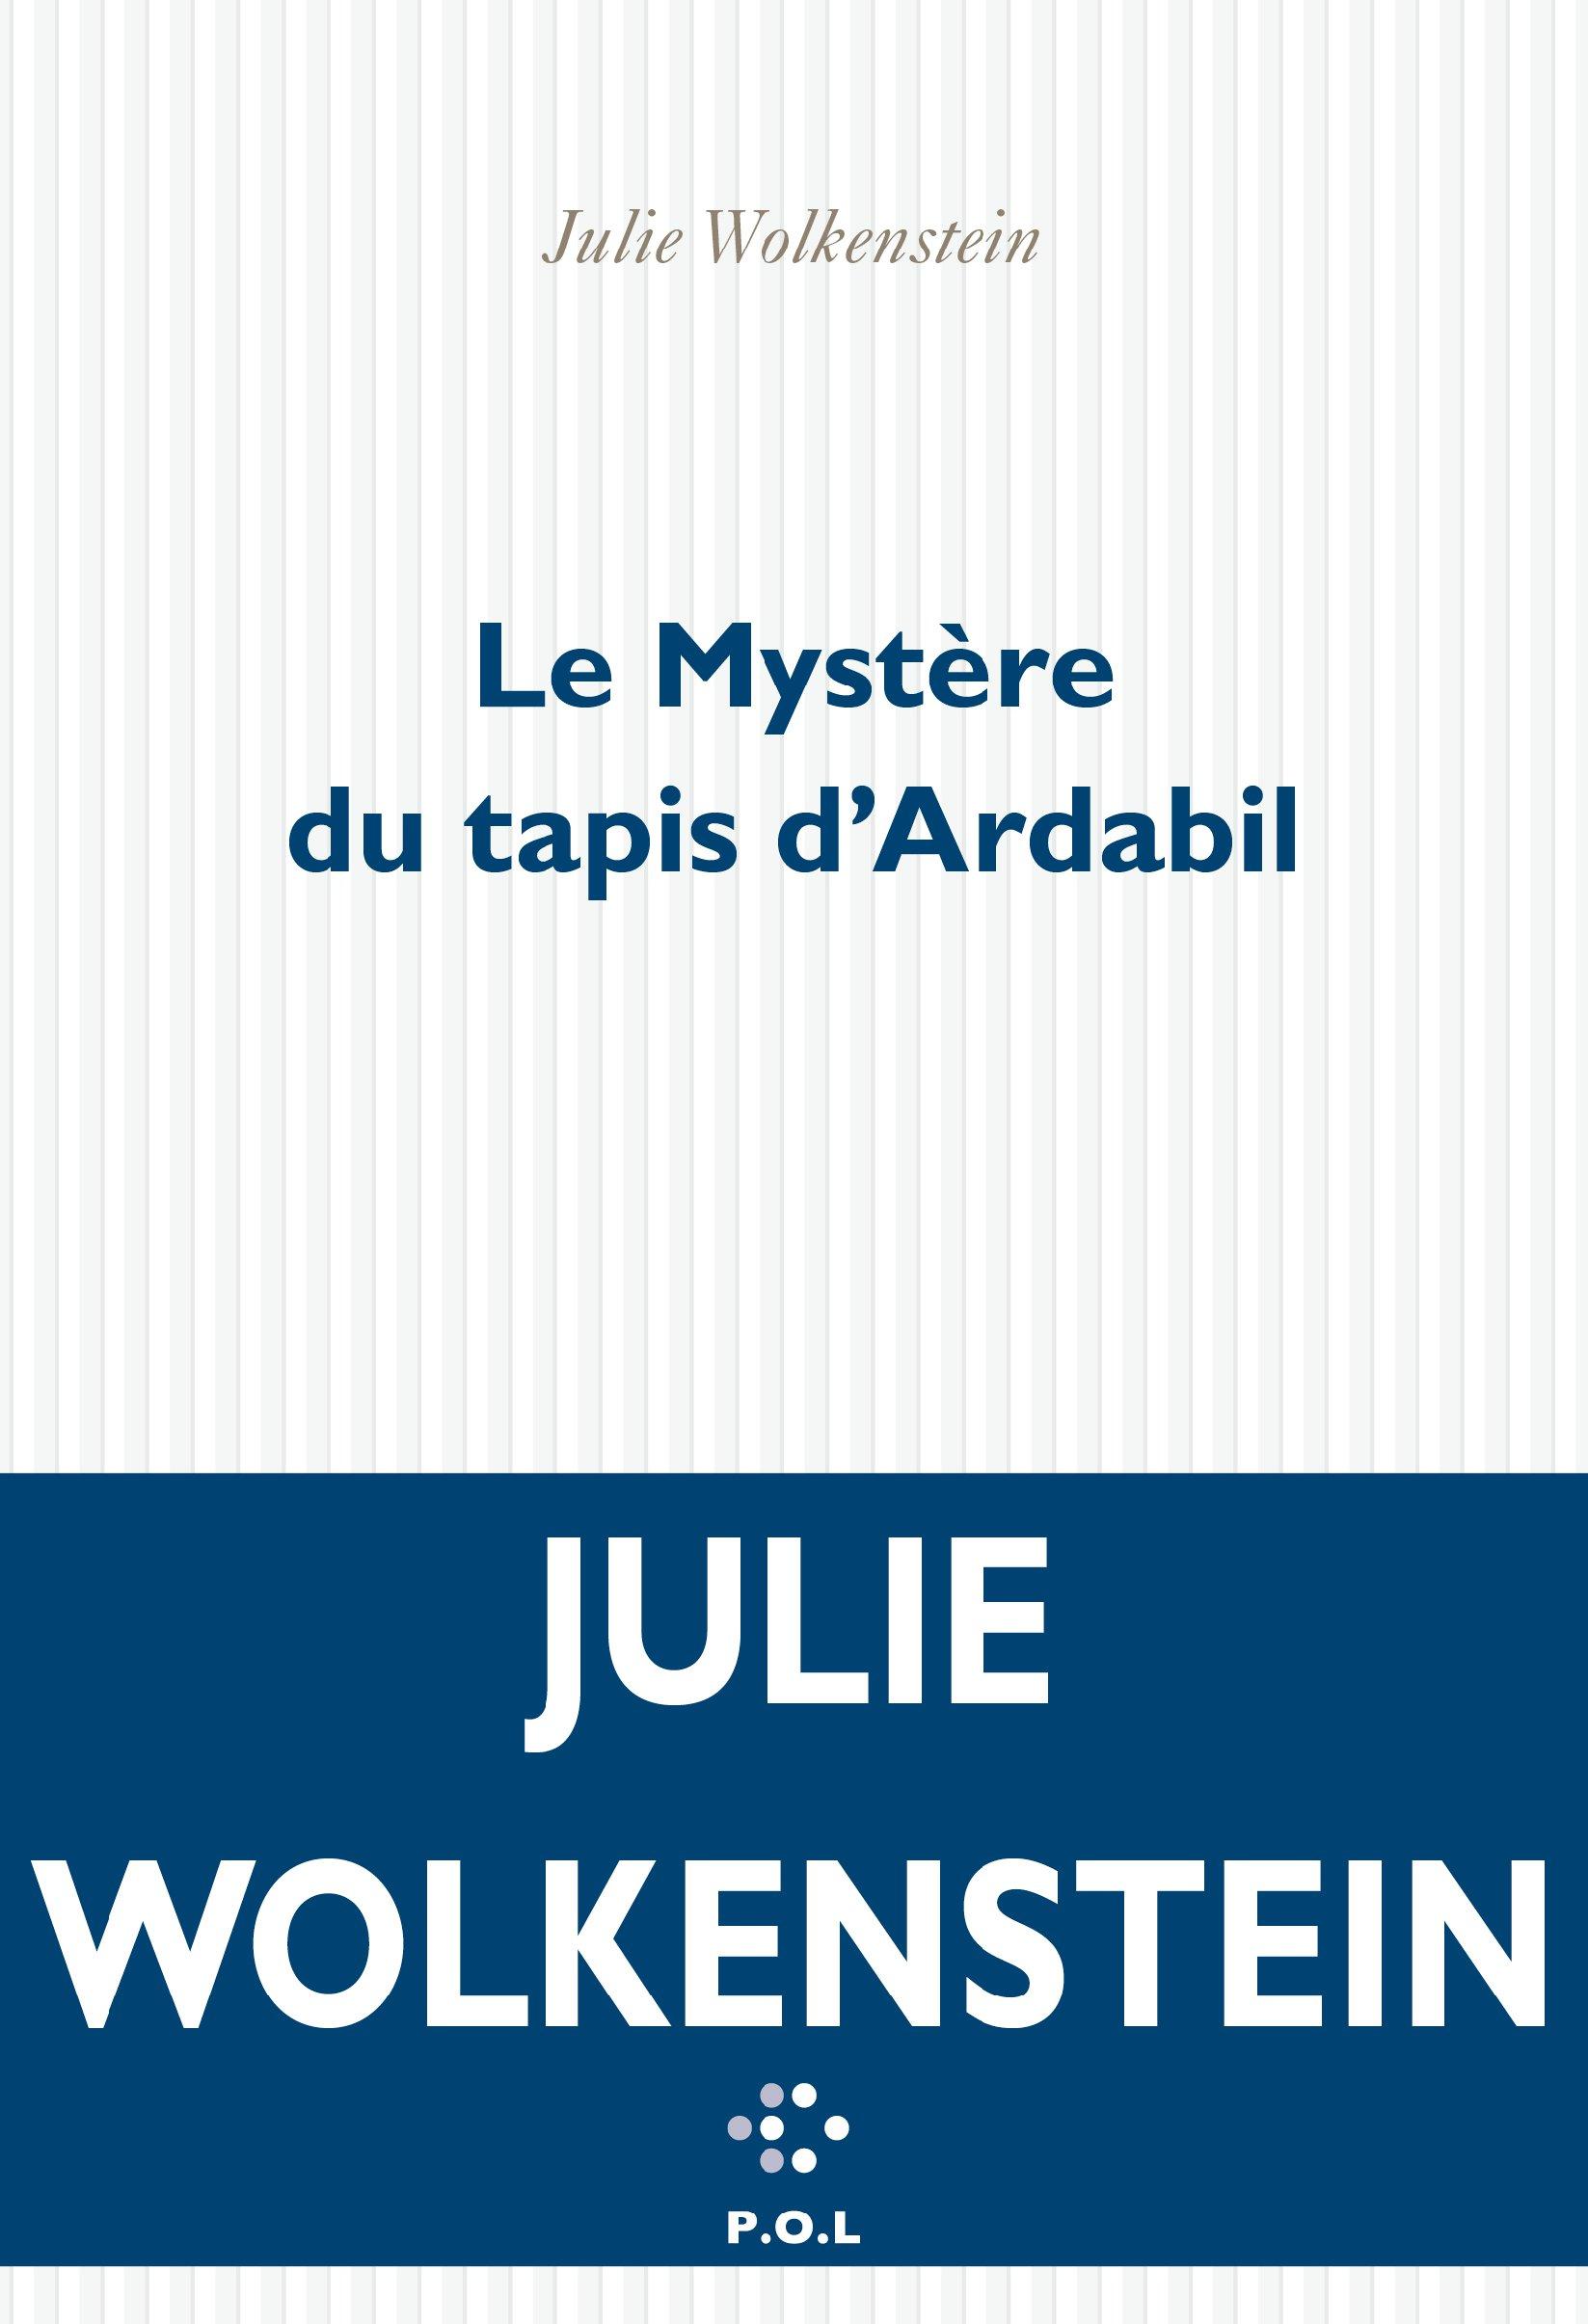 Le Mystère du tapis d'Ardabil